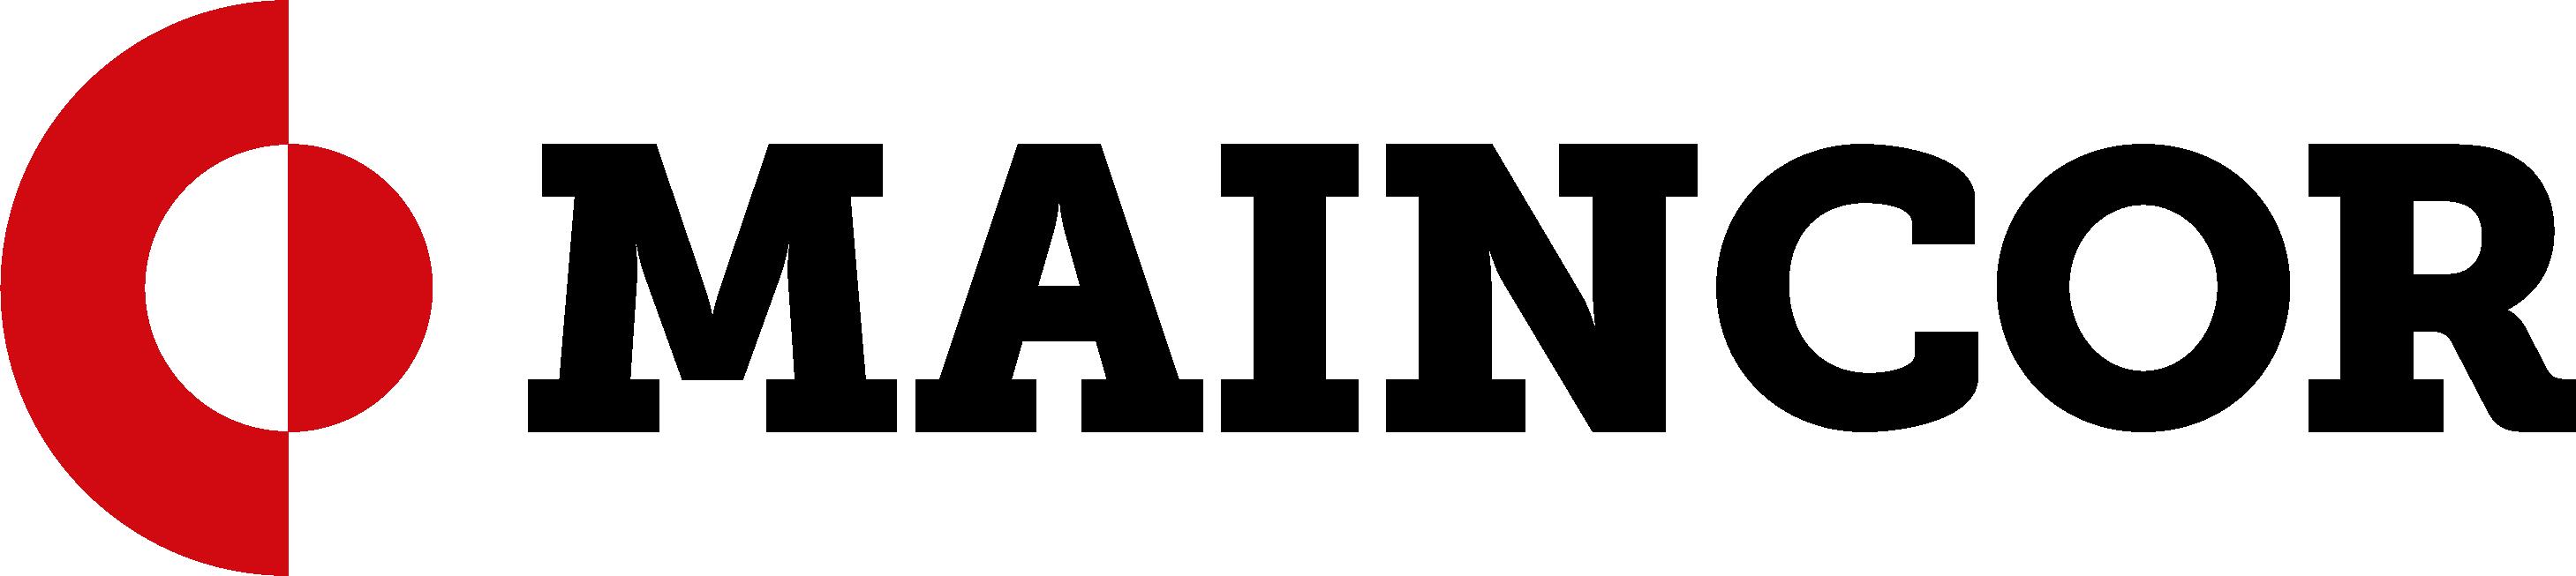 Maincor GmbH & Co. KG